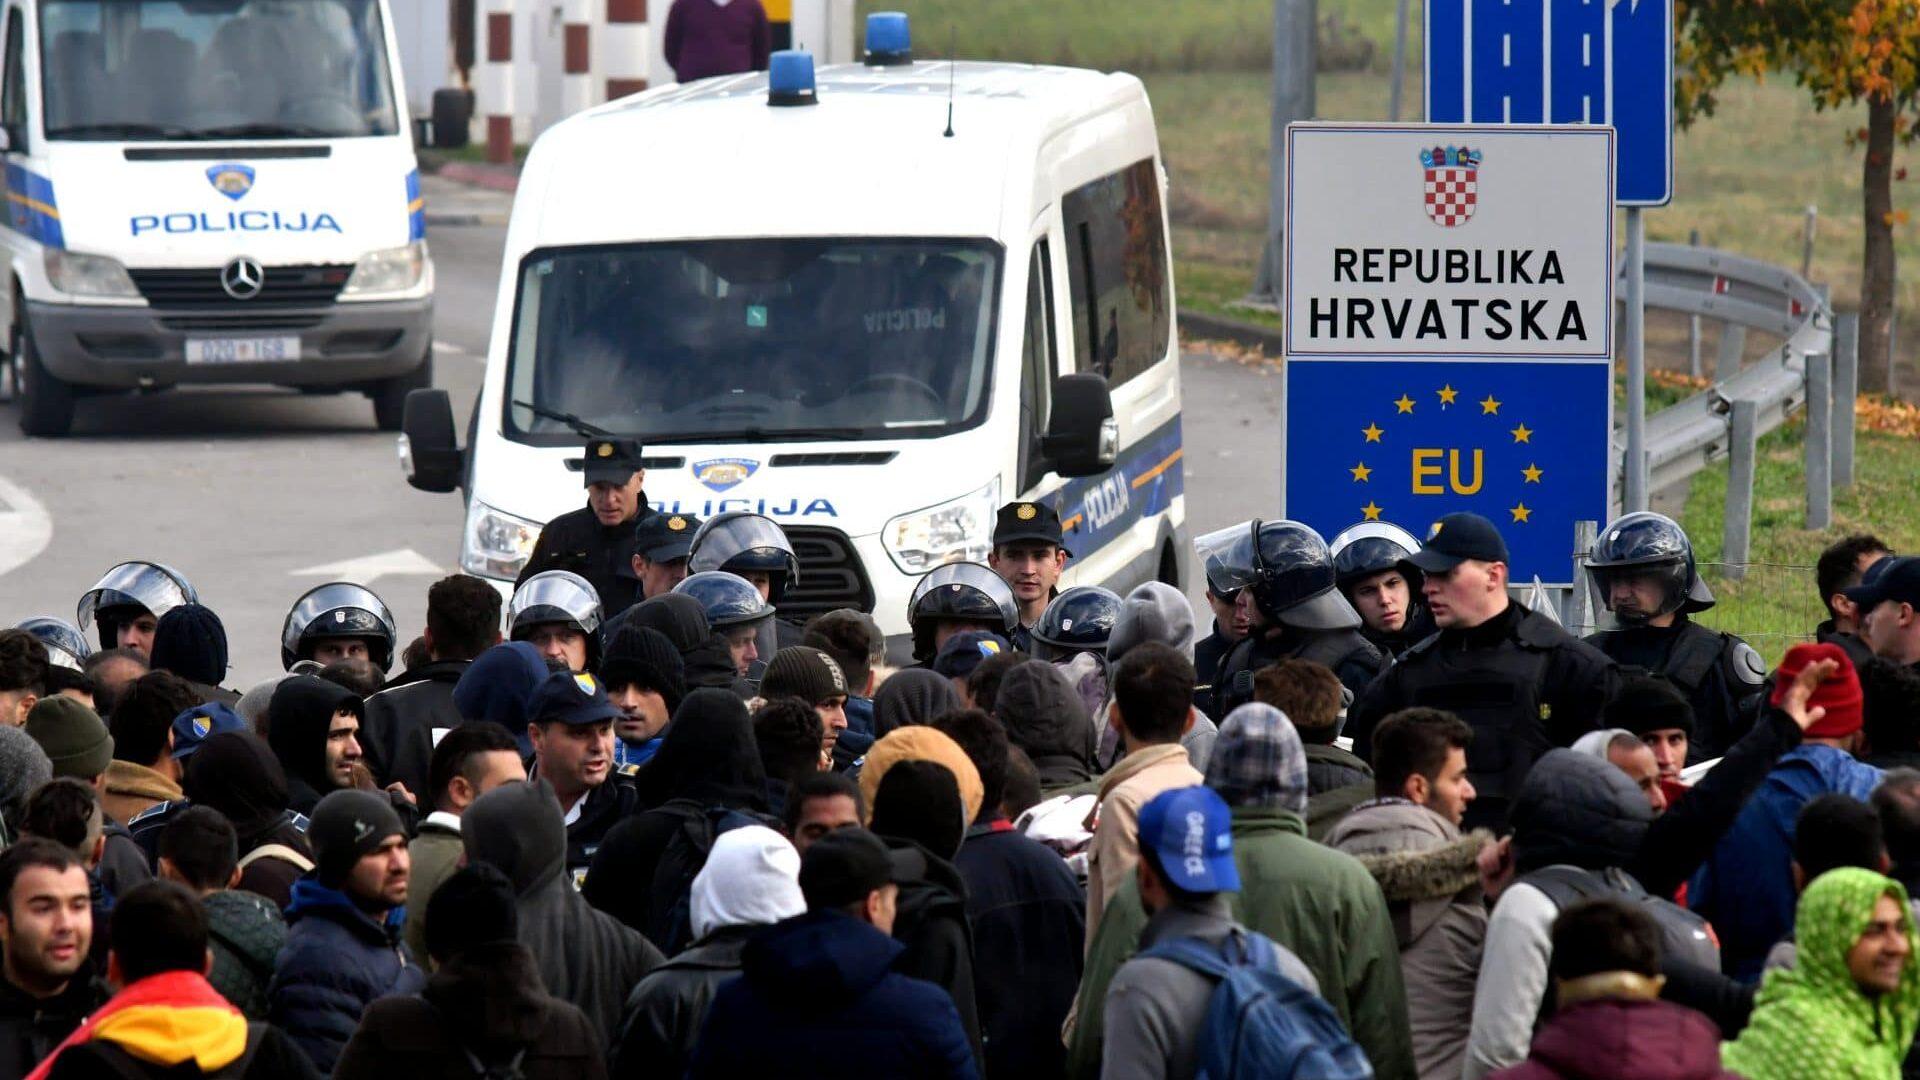 Violenze contro i migranti in Croazia: difensore civico europeo apre inchiesta contro Commissione